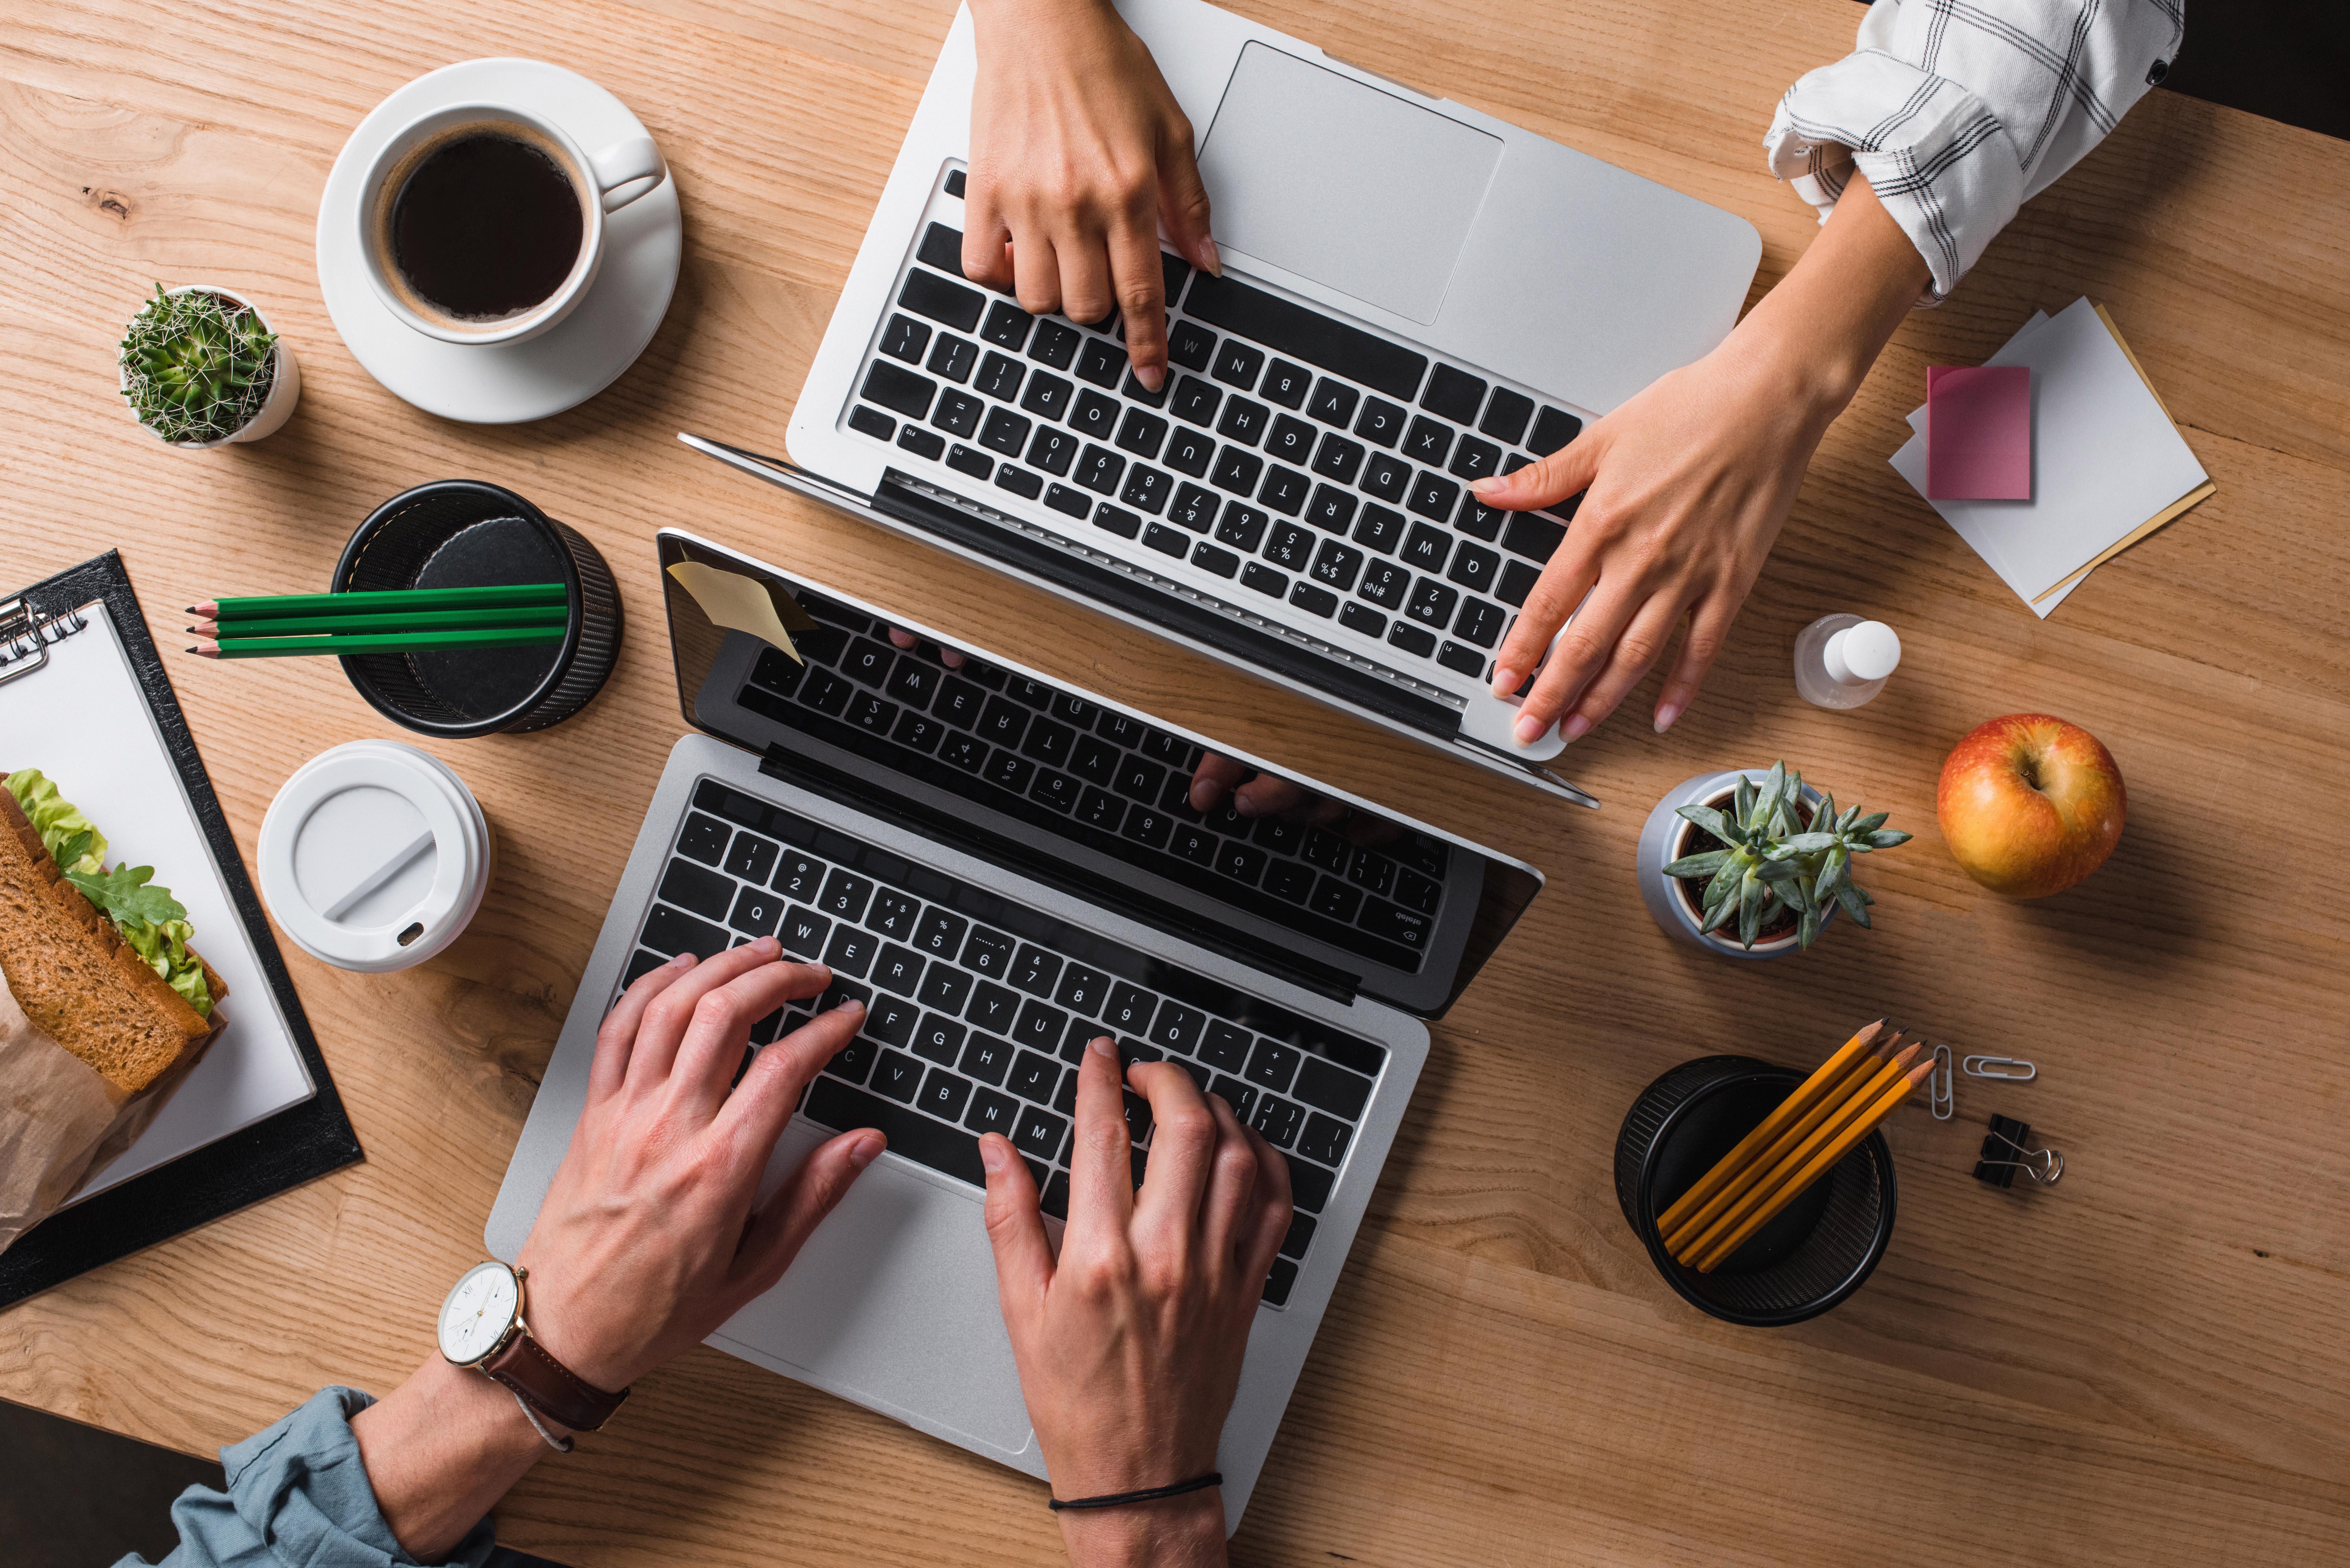 Personnes travaillant sur des MacBook dans un environnement créatif pour illustrer l'adaptabilité des produits Apple en entreprise selon ALis Business